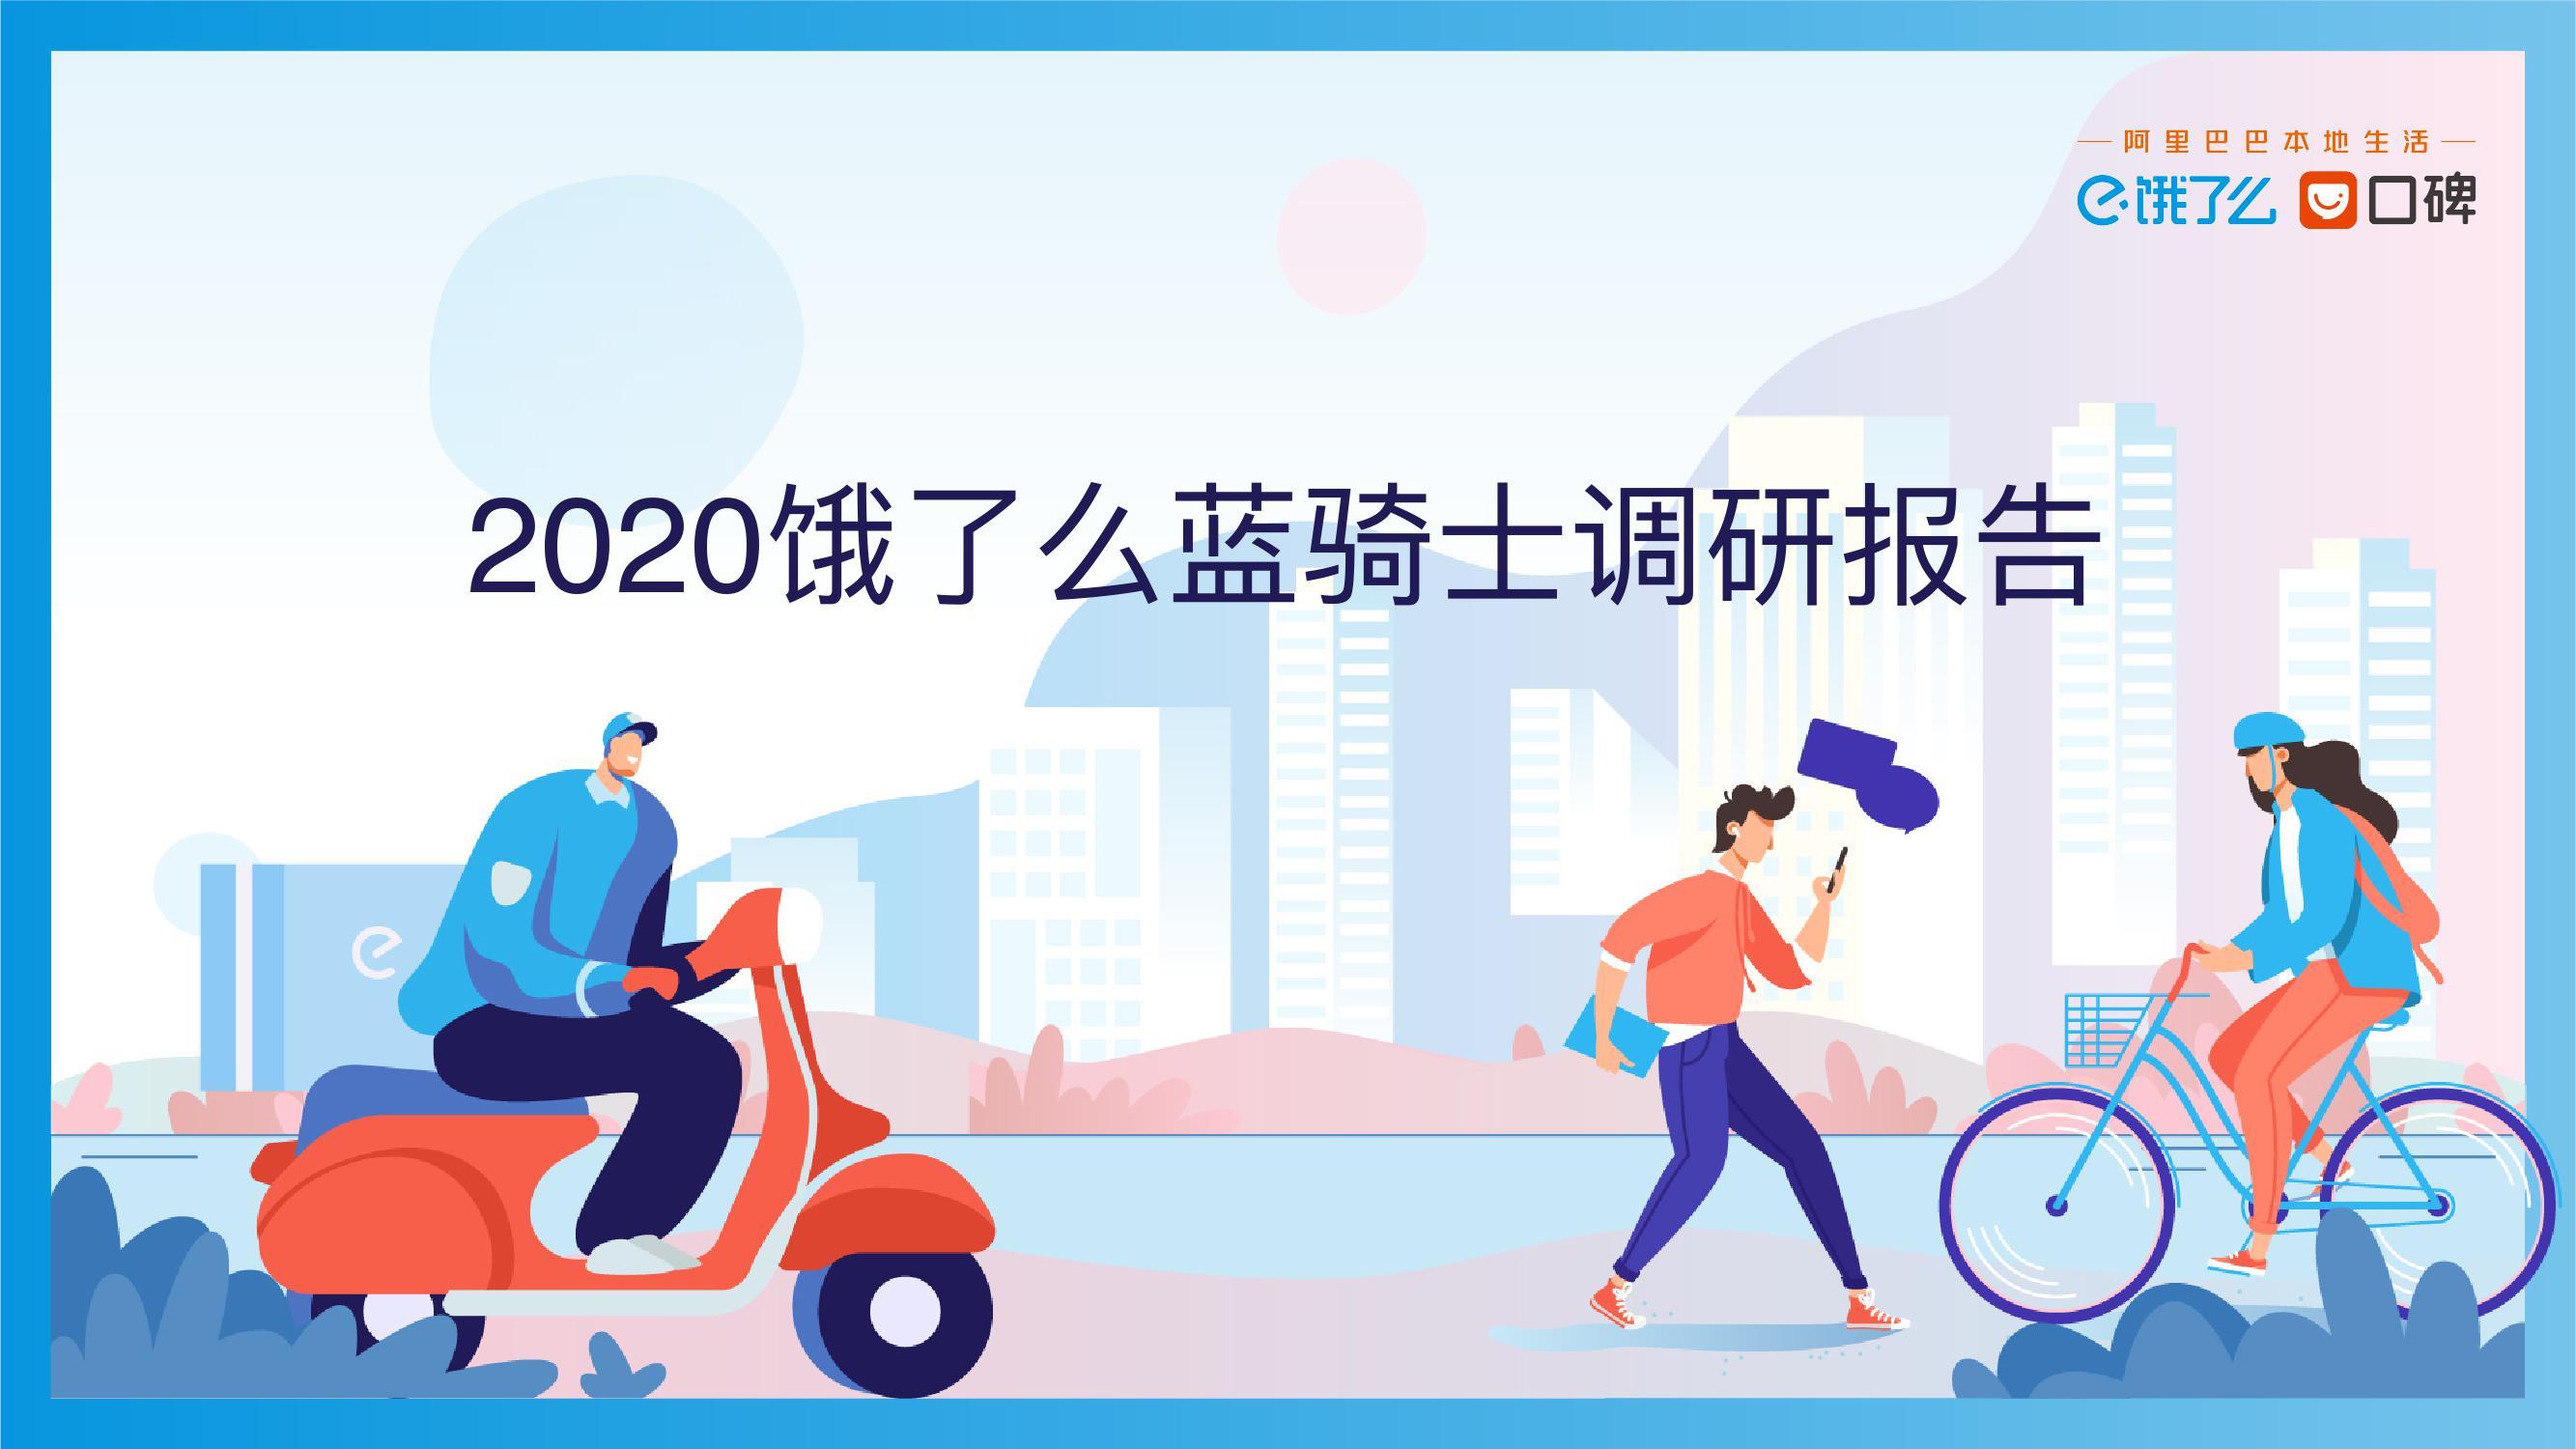 饿了么&口碑:2020蓝骑⼠调研报告(附下载)